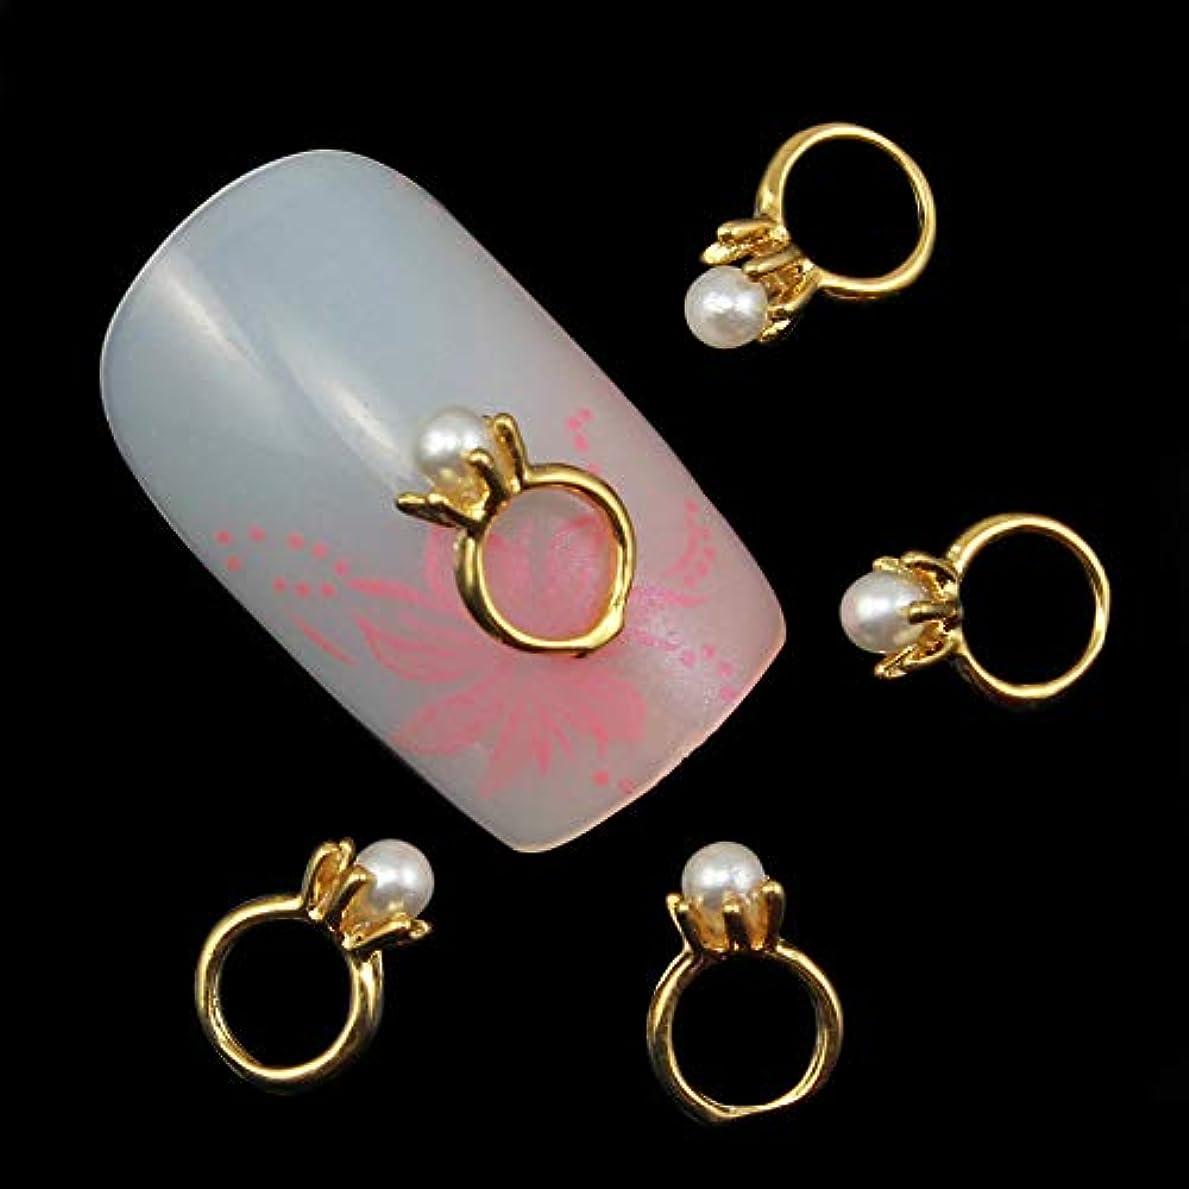 押し下げる散るあたり10個入りの3Dネイルアートのラインストーンのデコレーションパールゴールドリング形状ネイルのヒントネイルジェルツールサプライヤのセックス製品